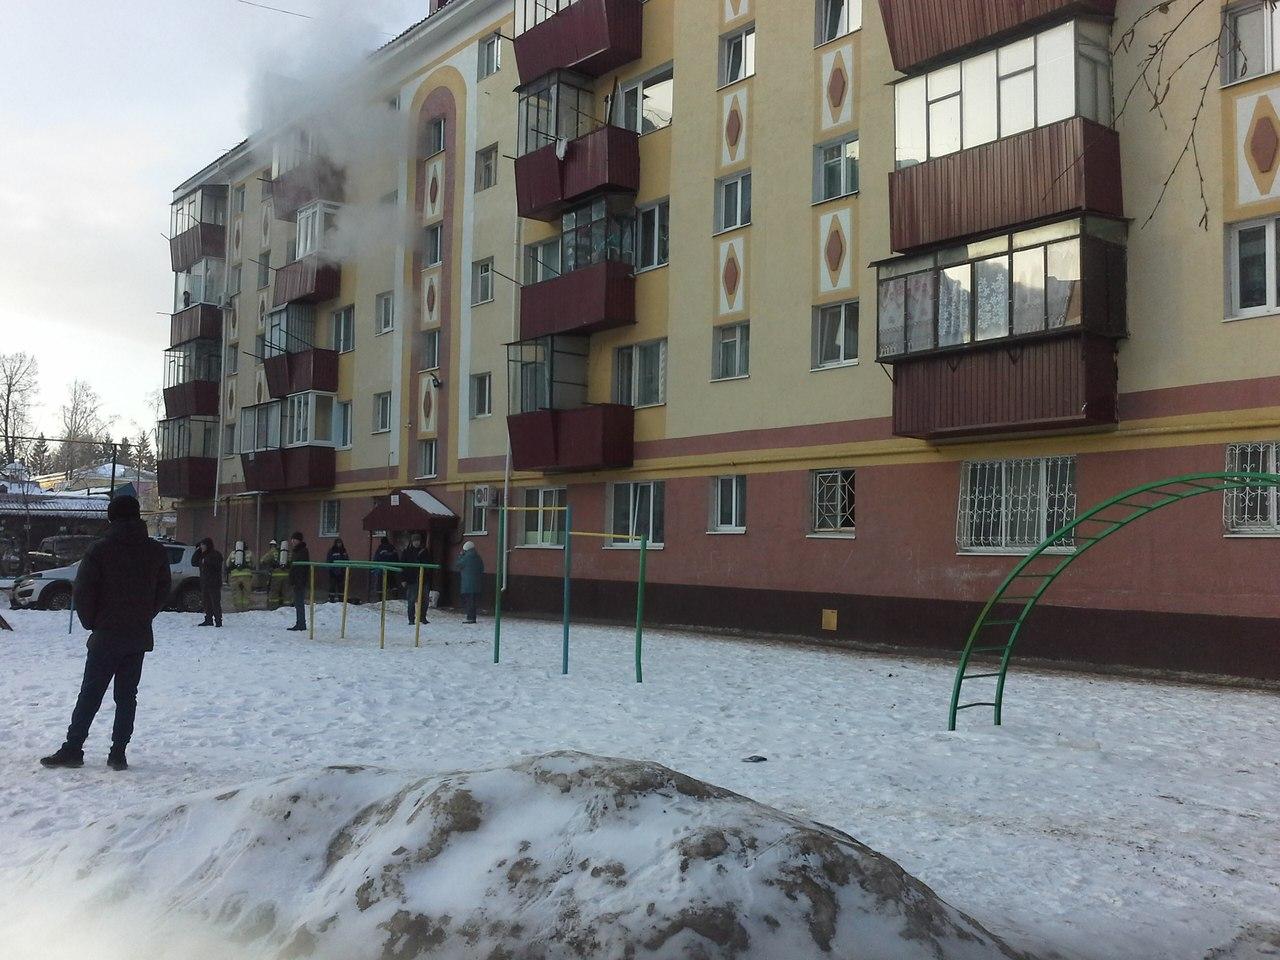 Из горящего дома в Альметьевске огнеборцы спасли 26 человек